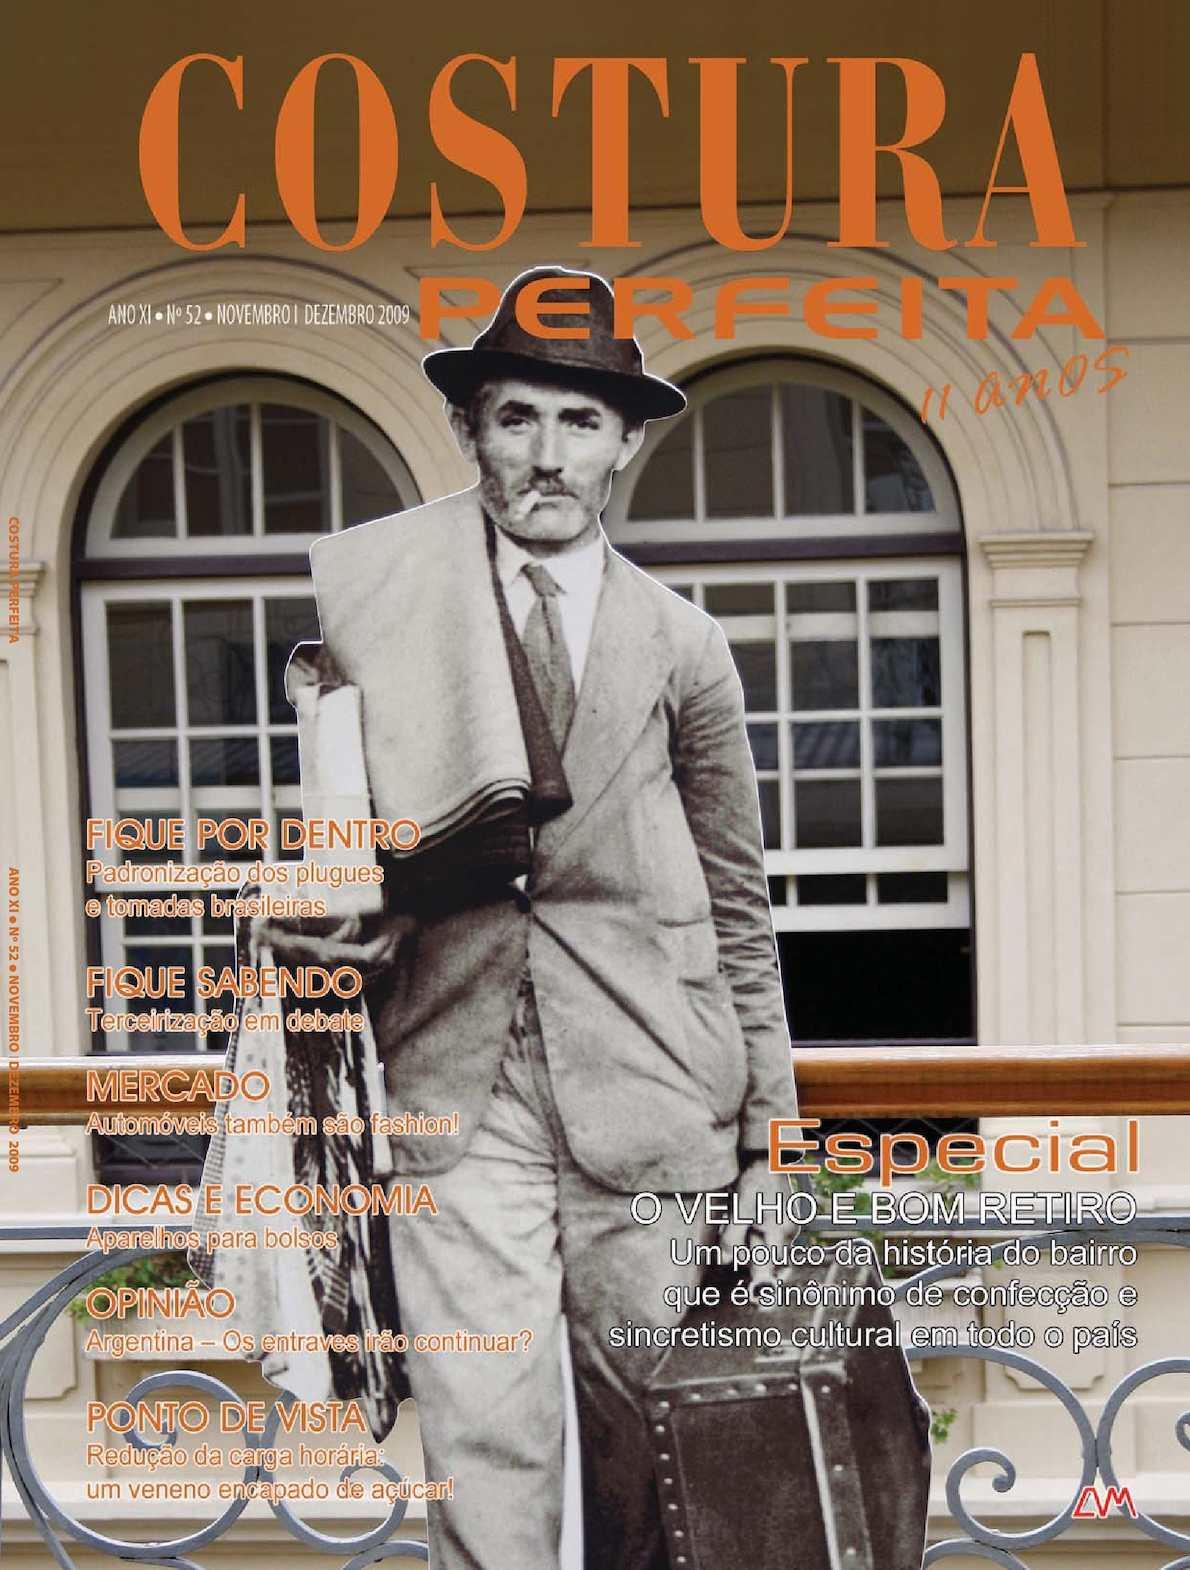 Calaméo - Revista Costura Perfeita Edição Ano XI - N52 - Novembro-Dezembro  2010 d2a8192de19